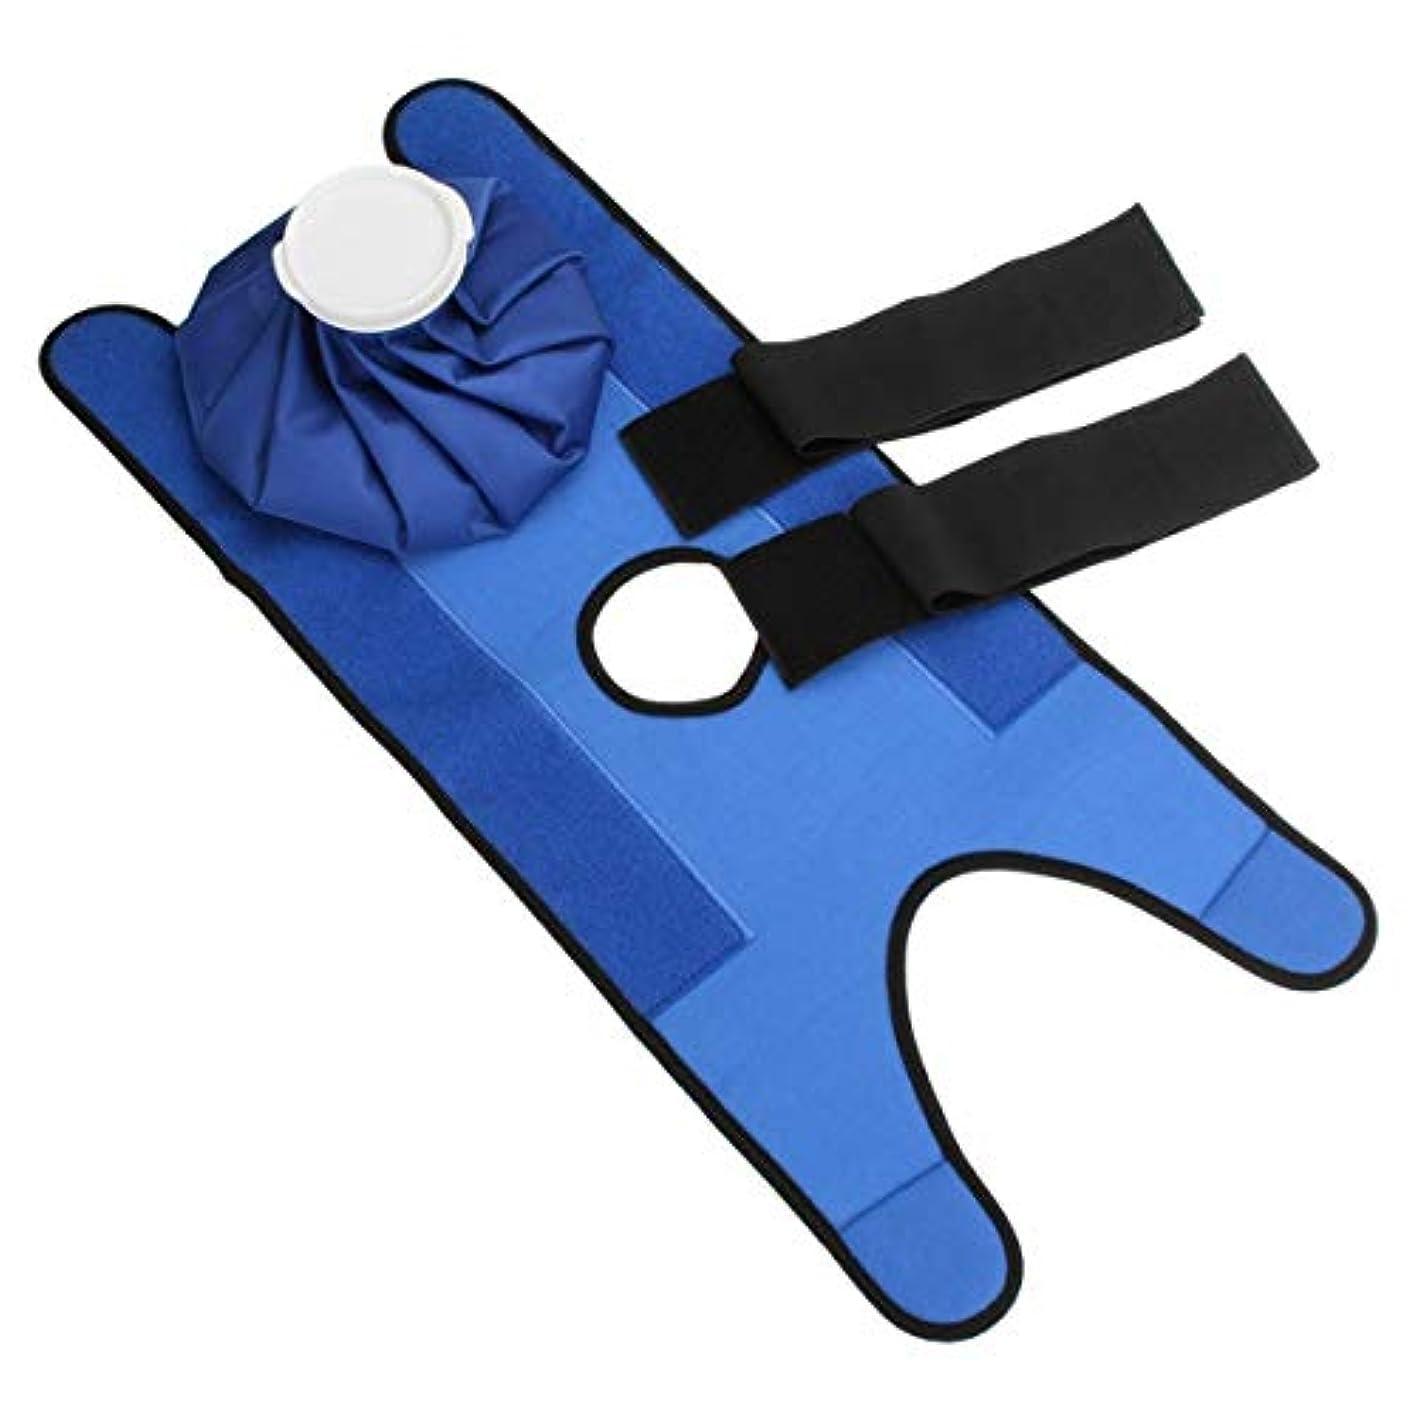 司教ツール食料品店Blackfell 小型サイズの再使用可能なヘルスケアの膝の頭部の足の筋肉スポーツ傷害の軽減の痛みのアイスバッグ包帯が付いている無毒なアイスパック